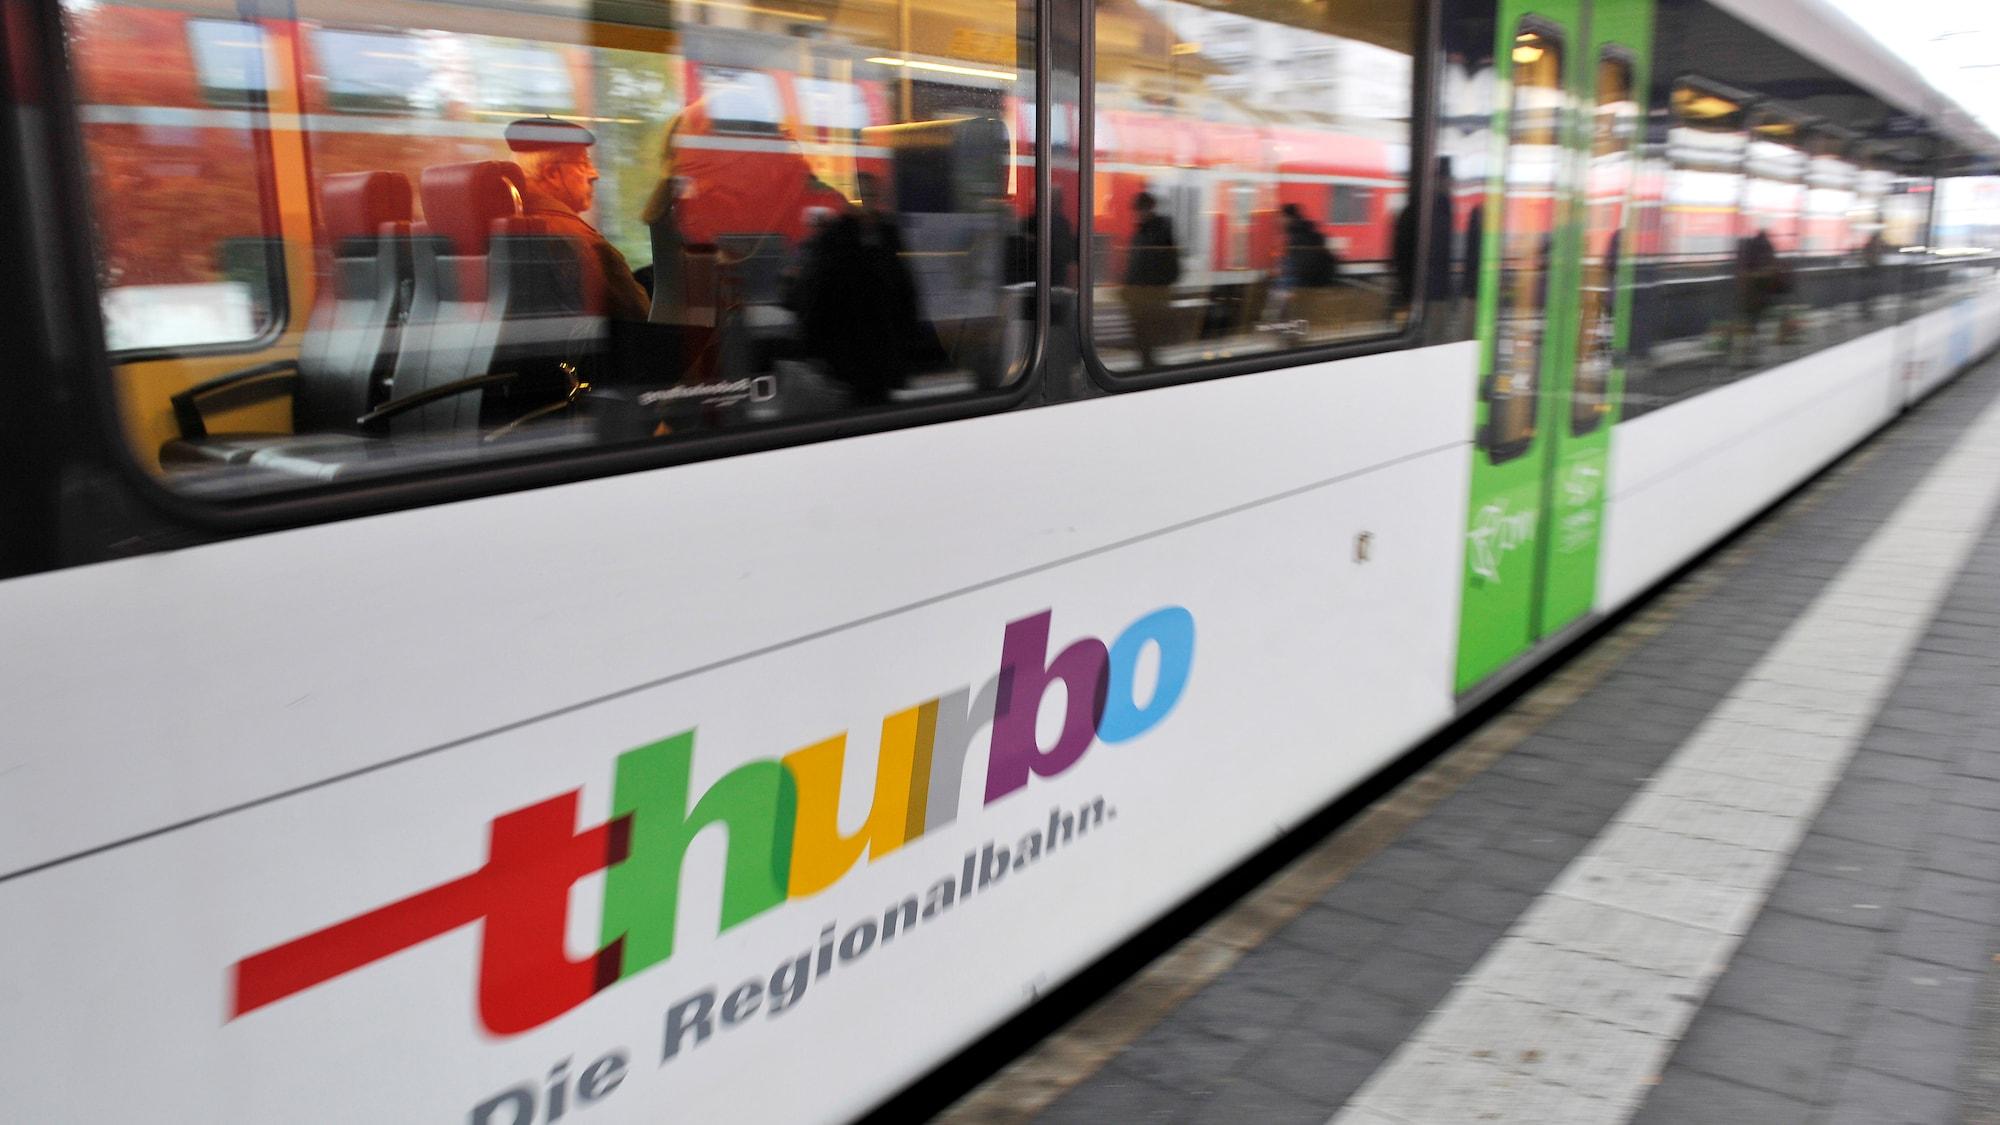 Busse wegen Belästigung: Schweizer (30) onaniert neben Frau im Zug